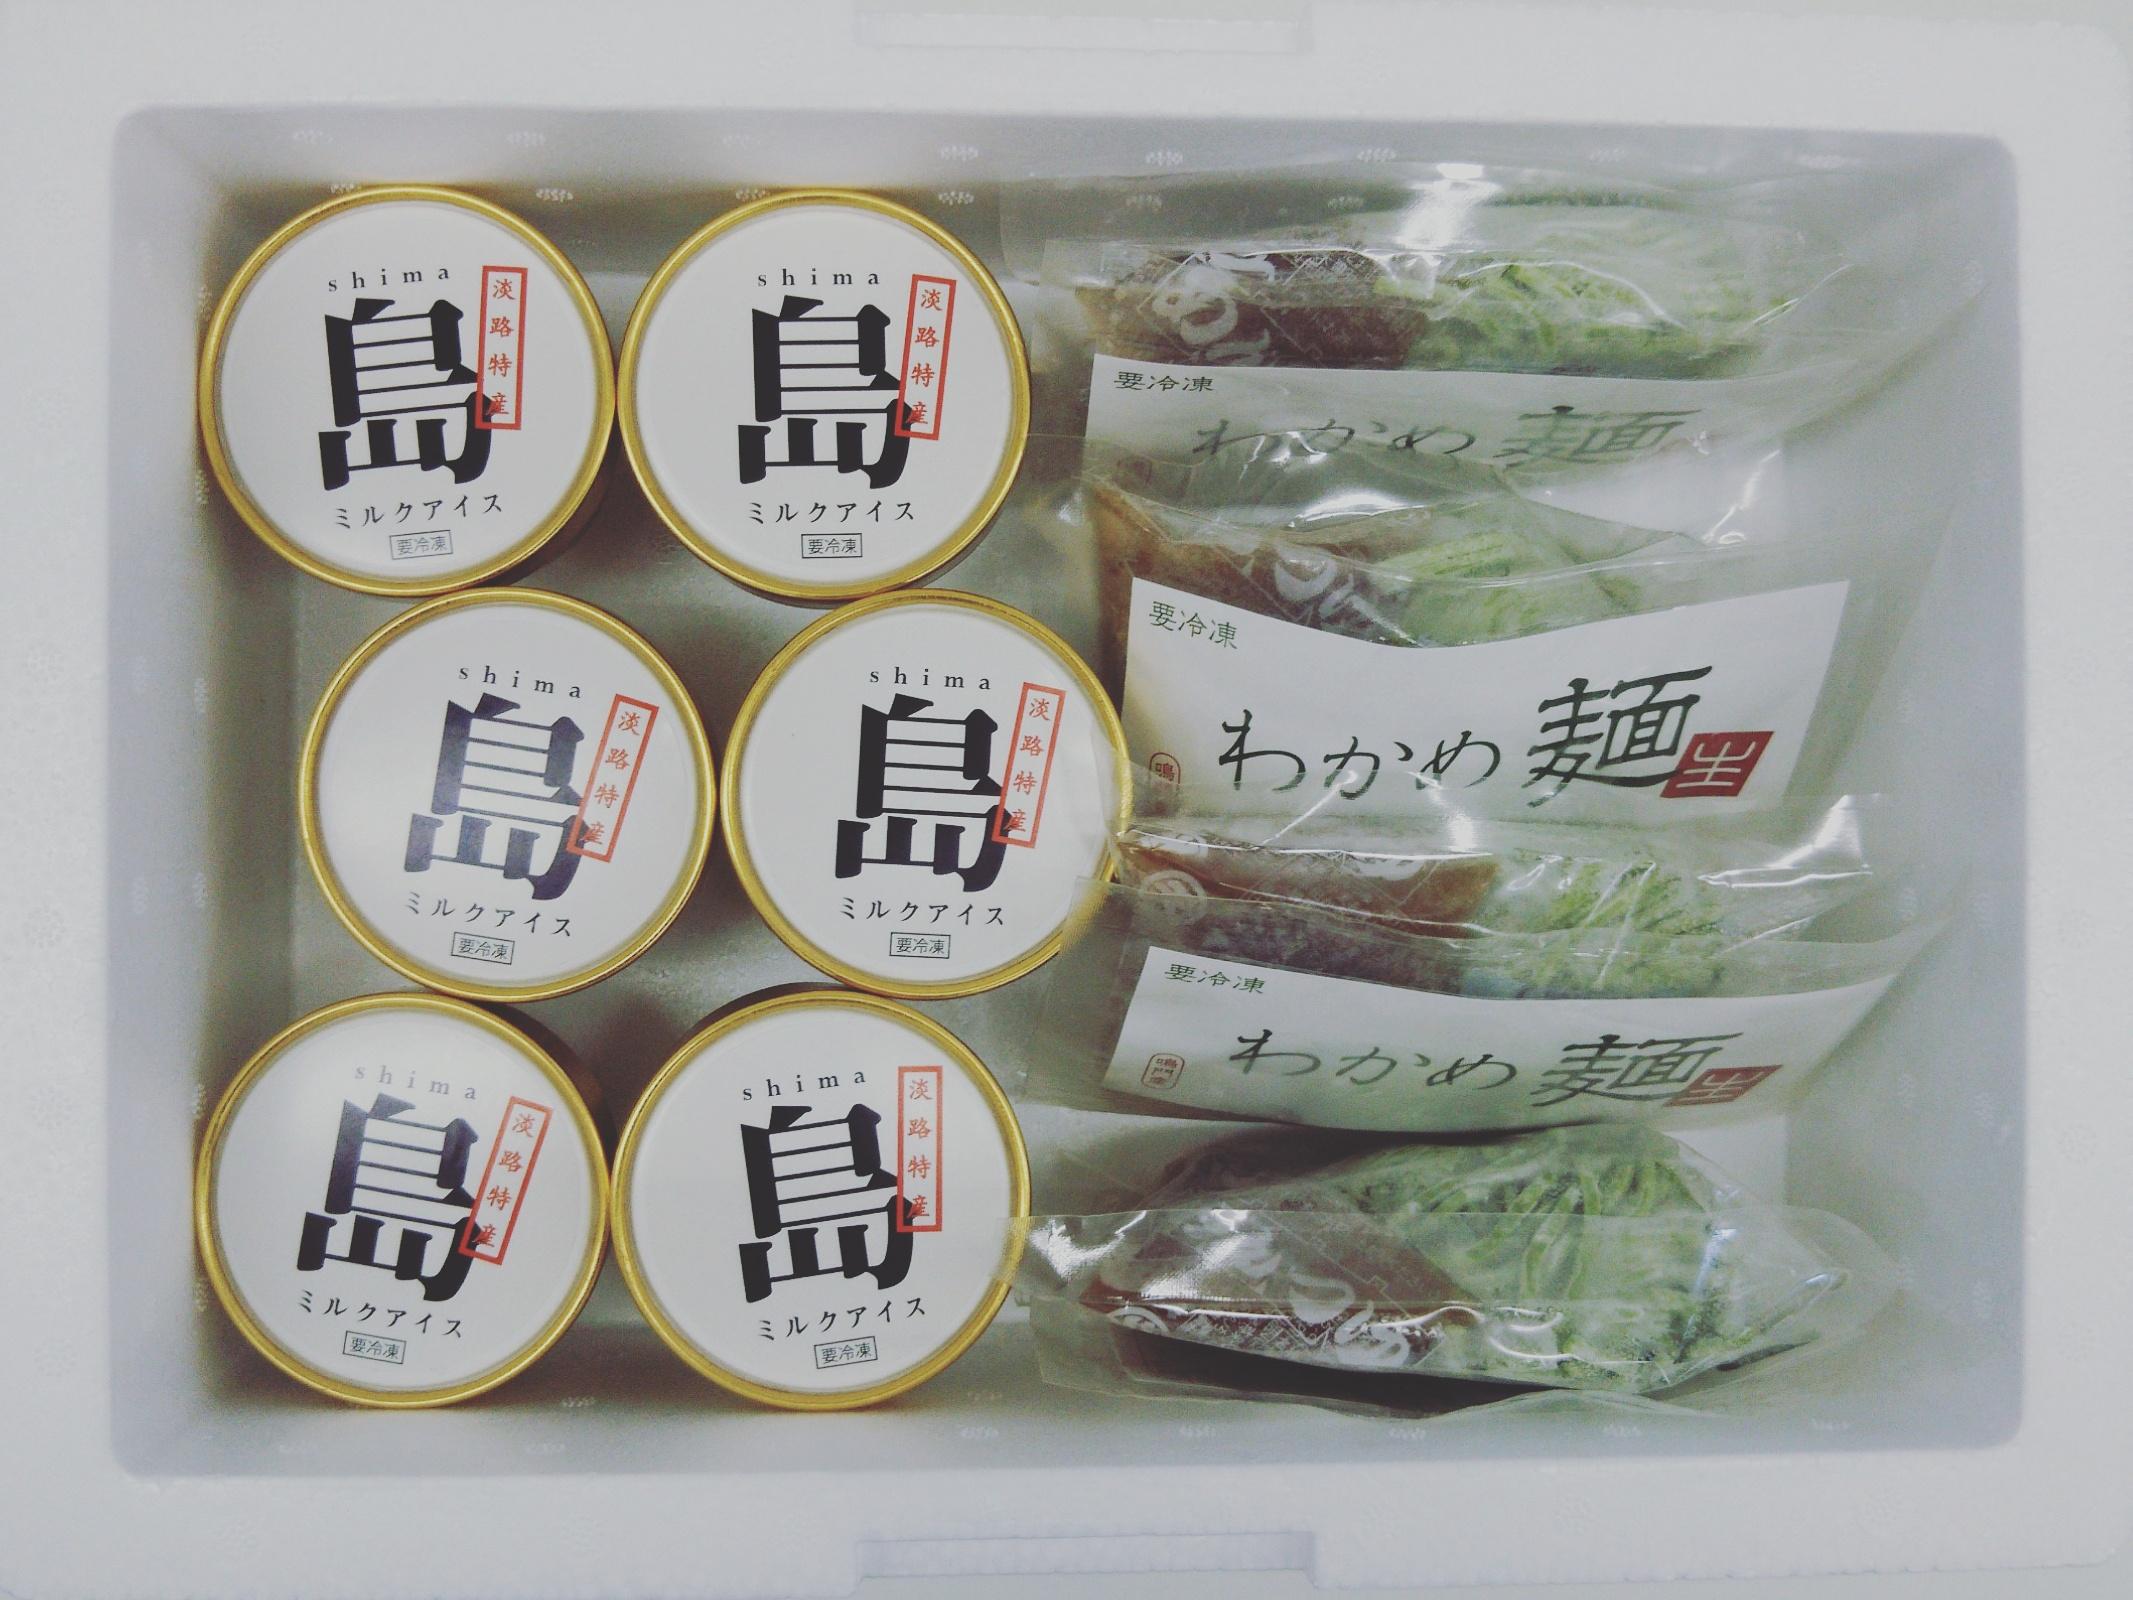 【五つ星ひょうご選定商品セット】淡路島の恵ミルクアイス・わかめ麺セット